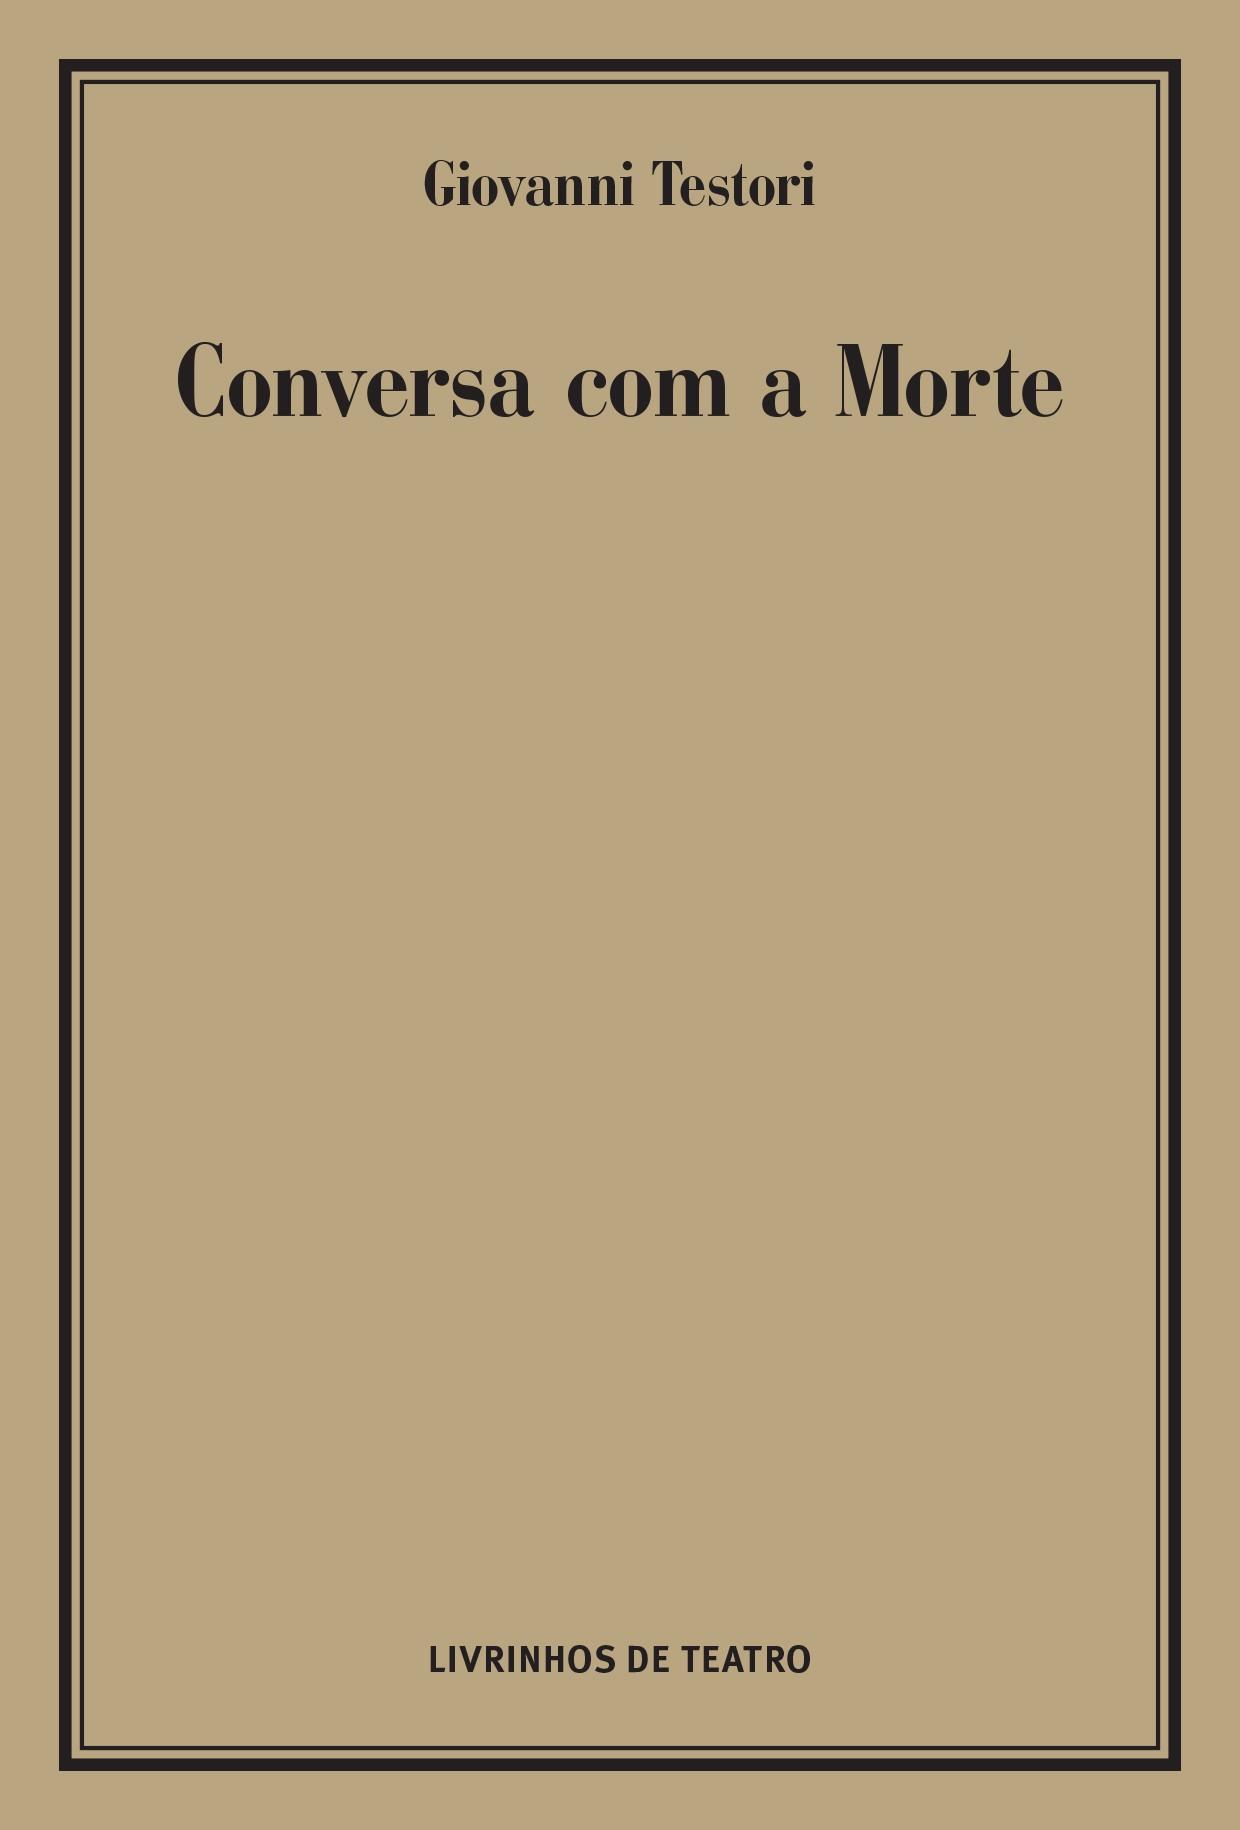 CONVERSA COM A MORTE